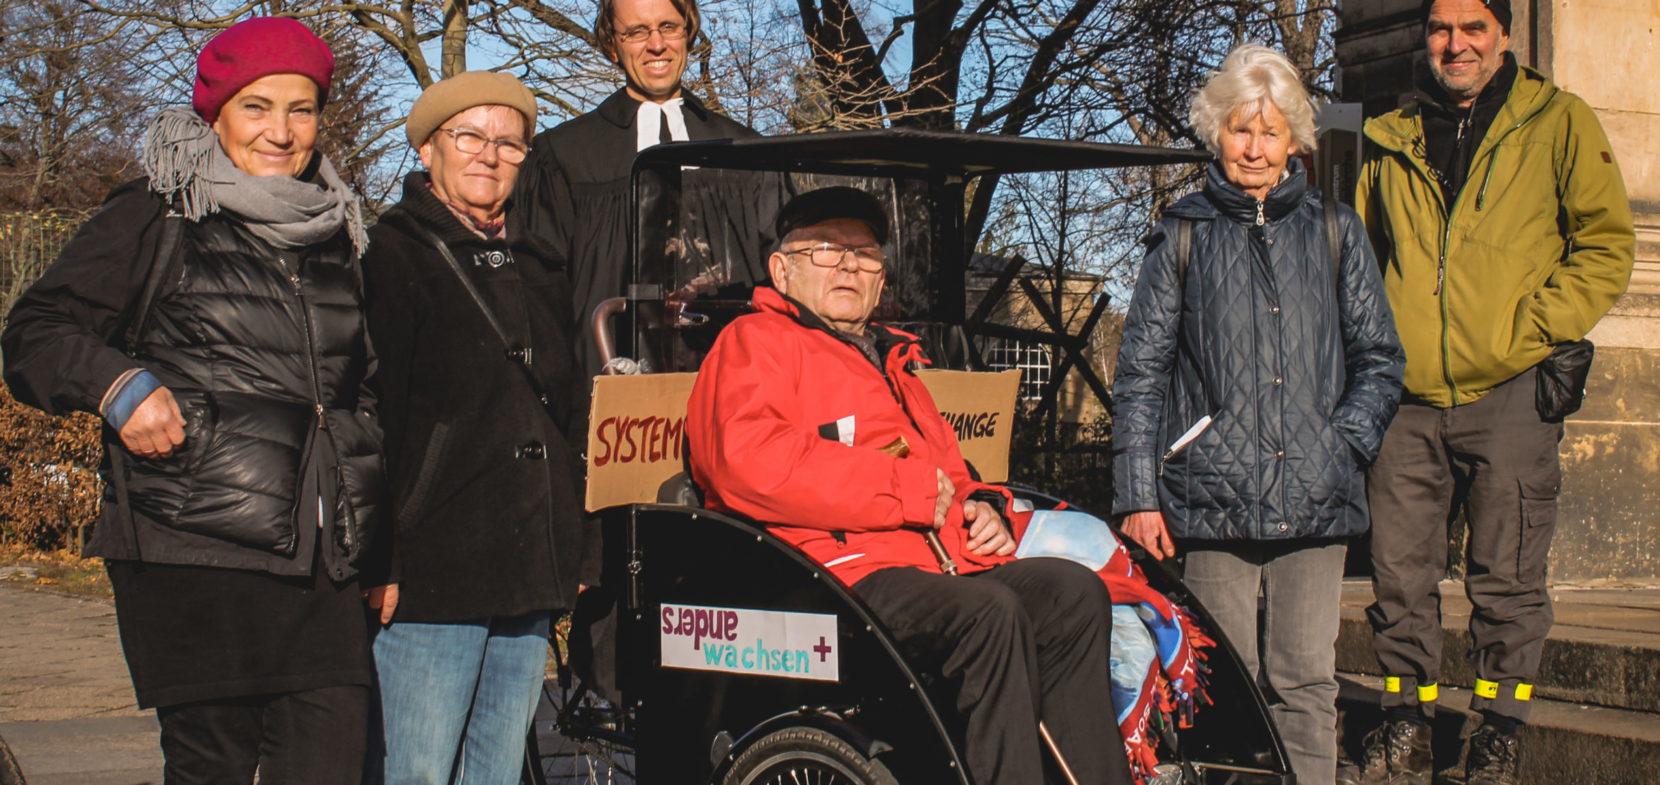 Kirchgemeinden setzen auf Lastenräder